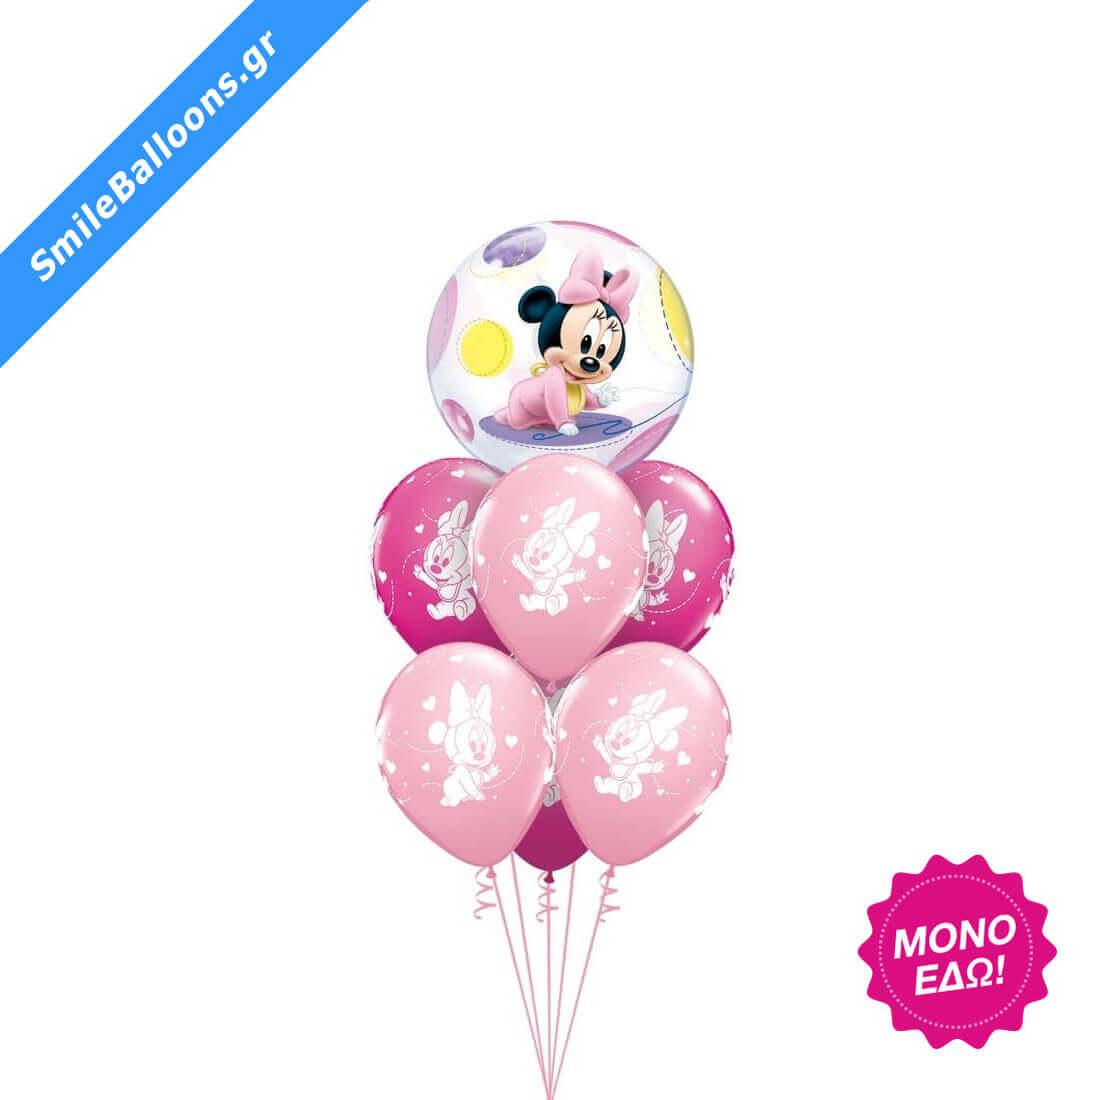 """Μπουκέτο μπαλονιών """"Pink Wild Berry Baby Minnie Mouse"""""""